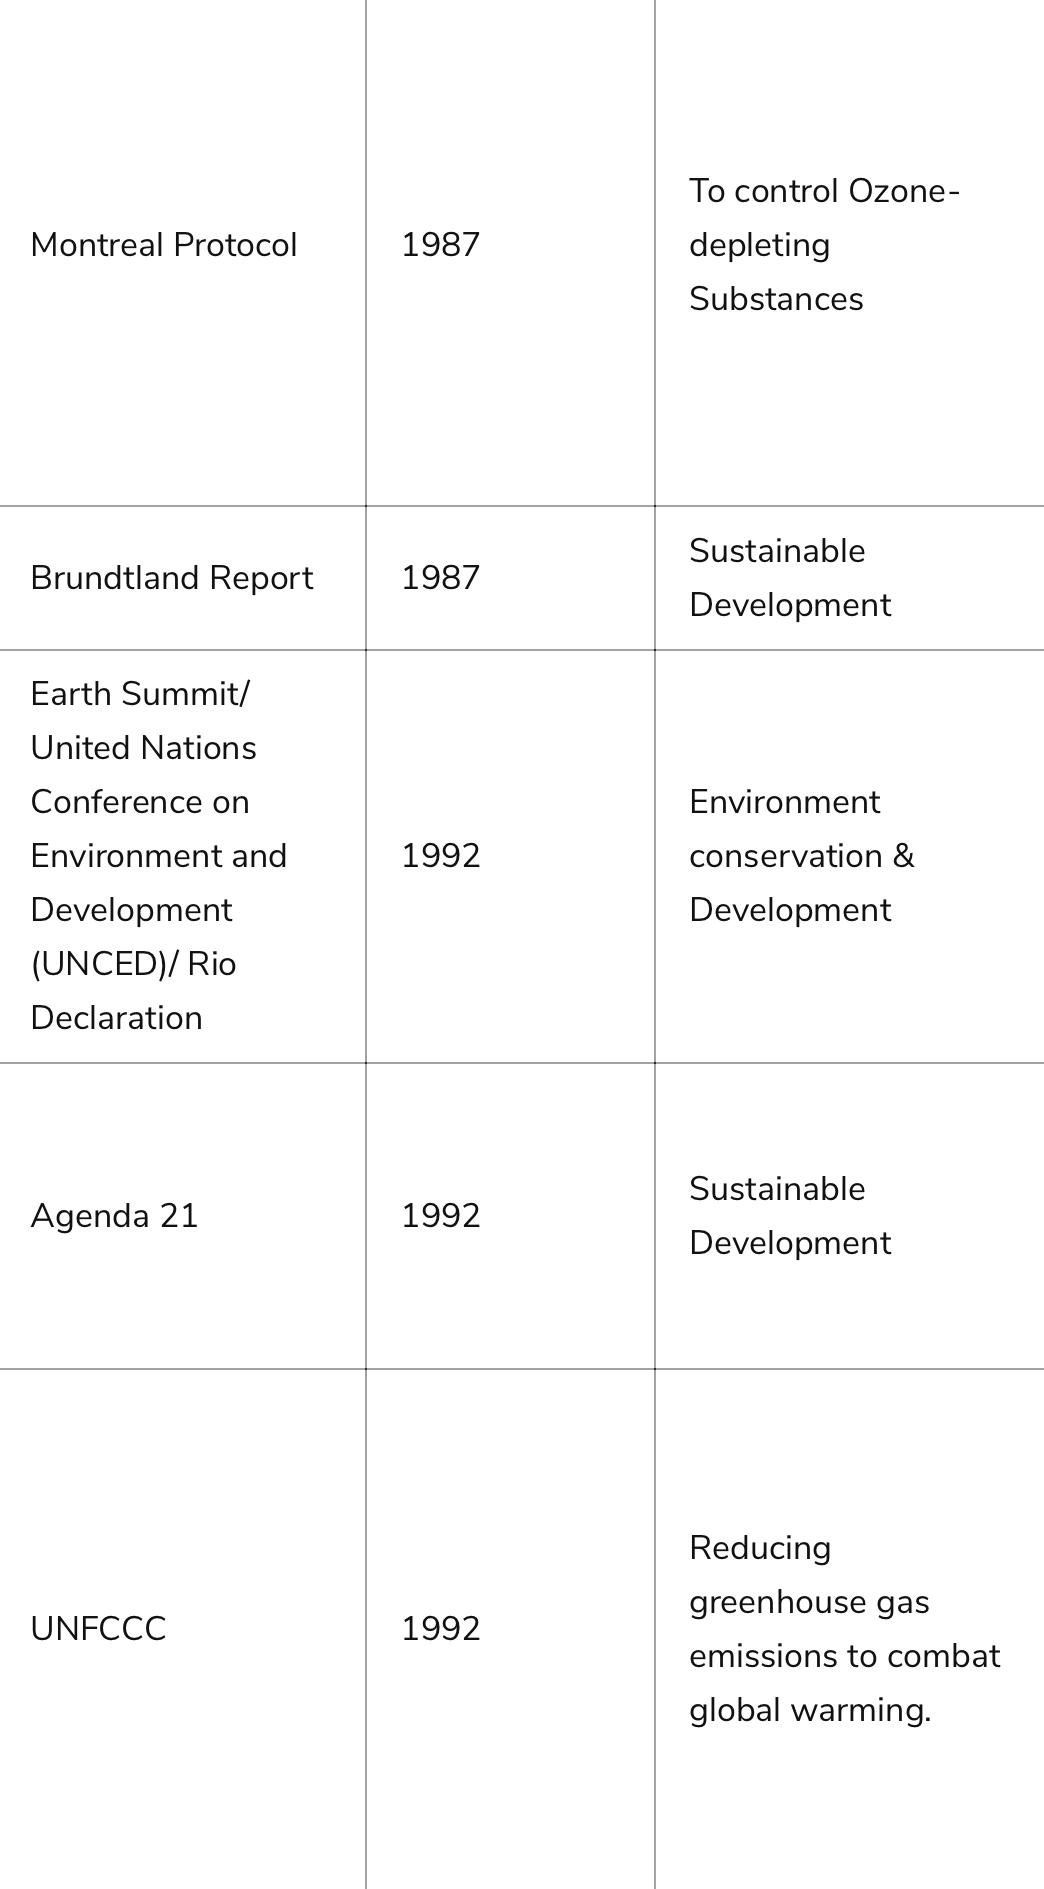 UNFCC, AGENDA 21,EARTH SUMMIT